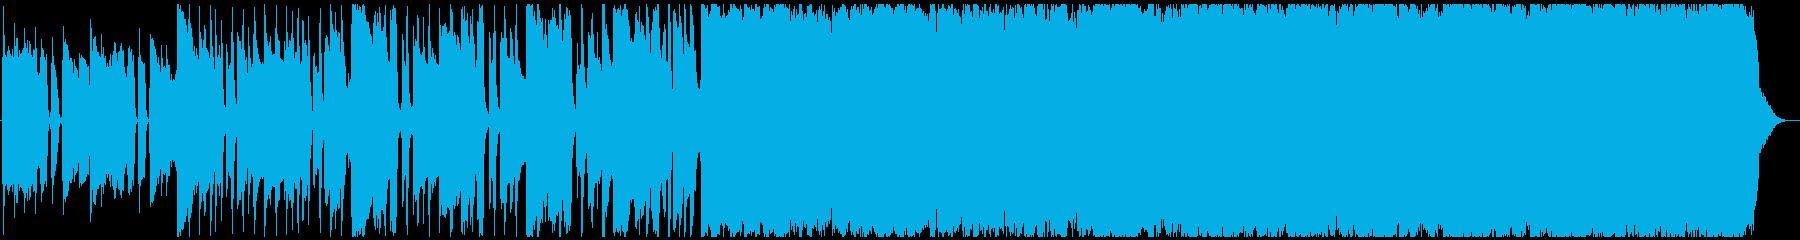 バイクで爆走したくなる洋楽風の曲-60秒の再生済みの波形